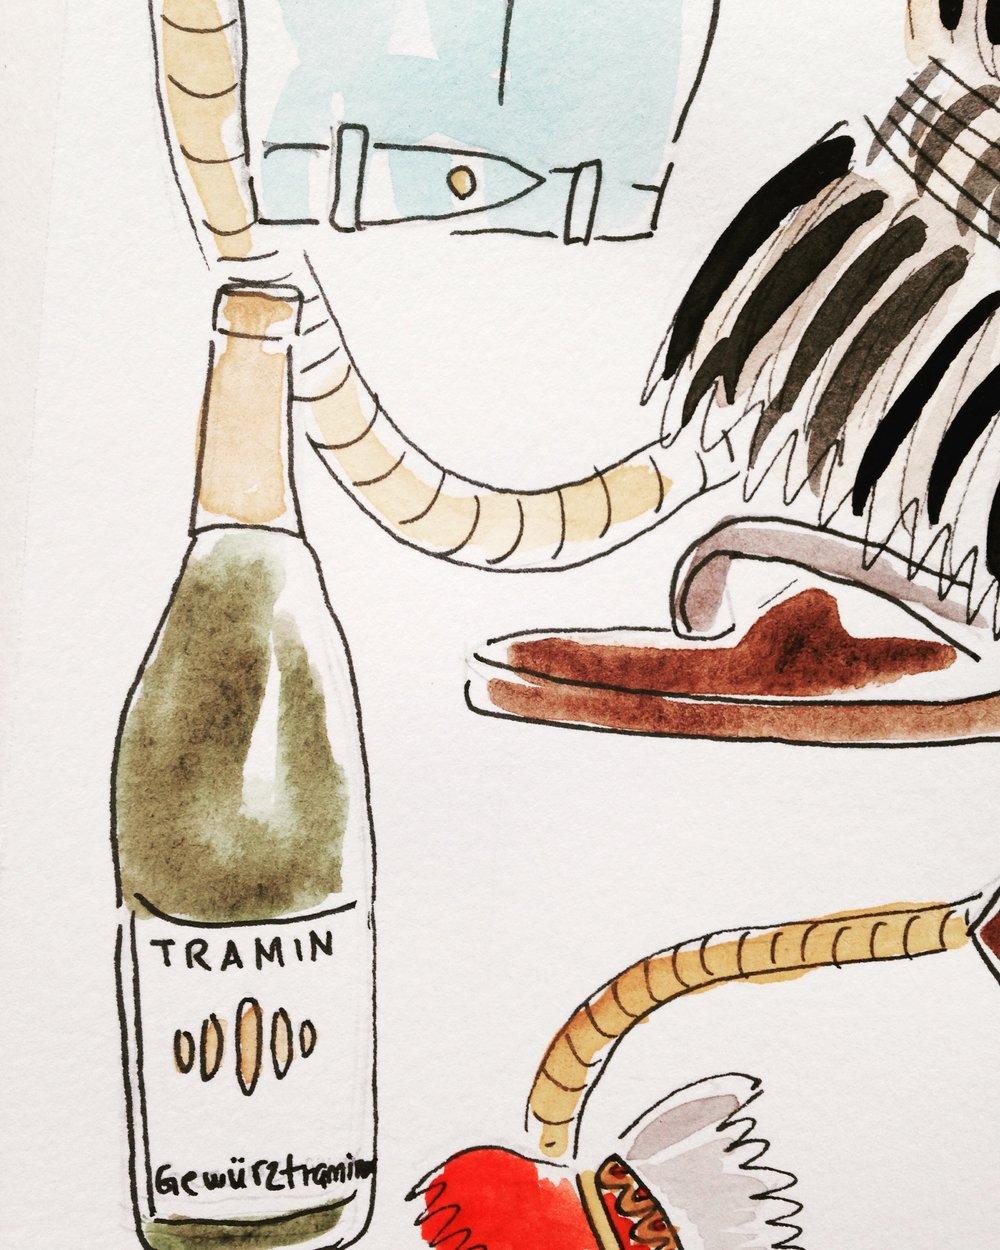 Tramin Wine